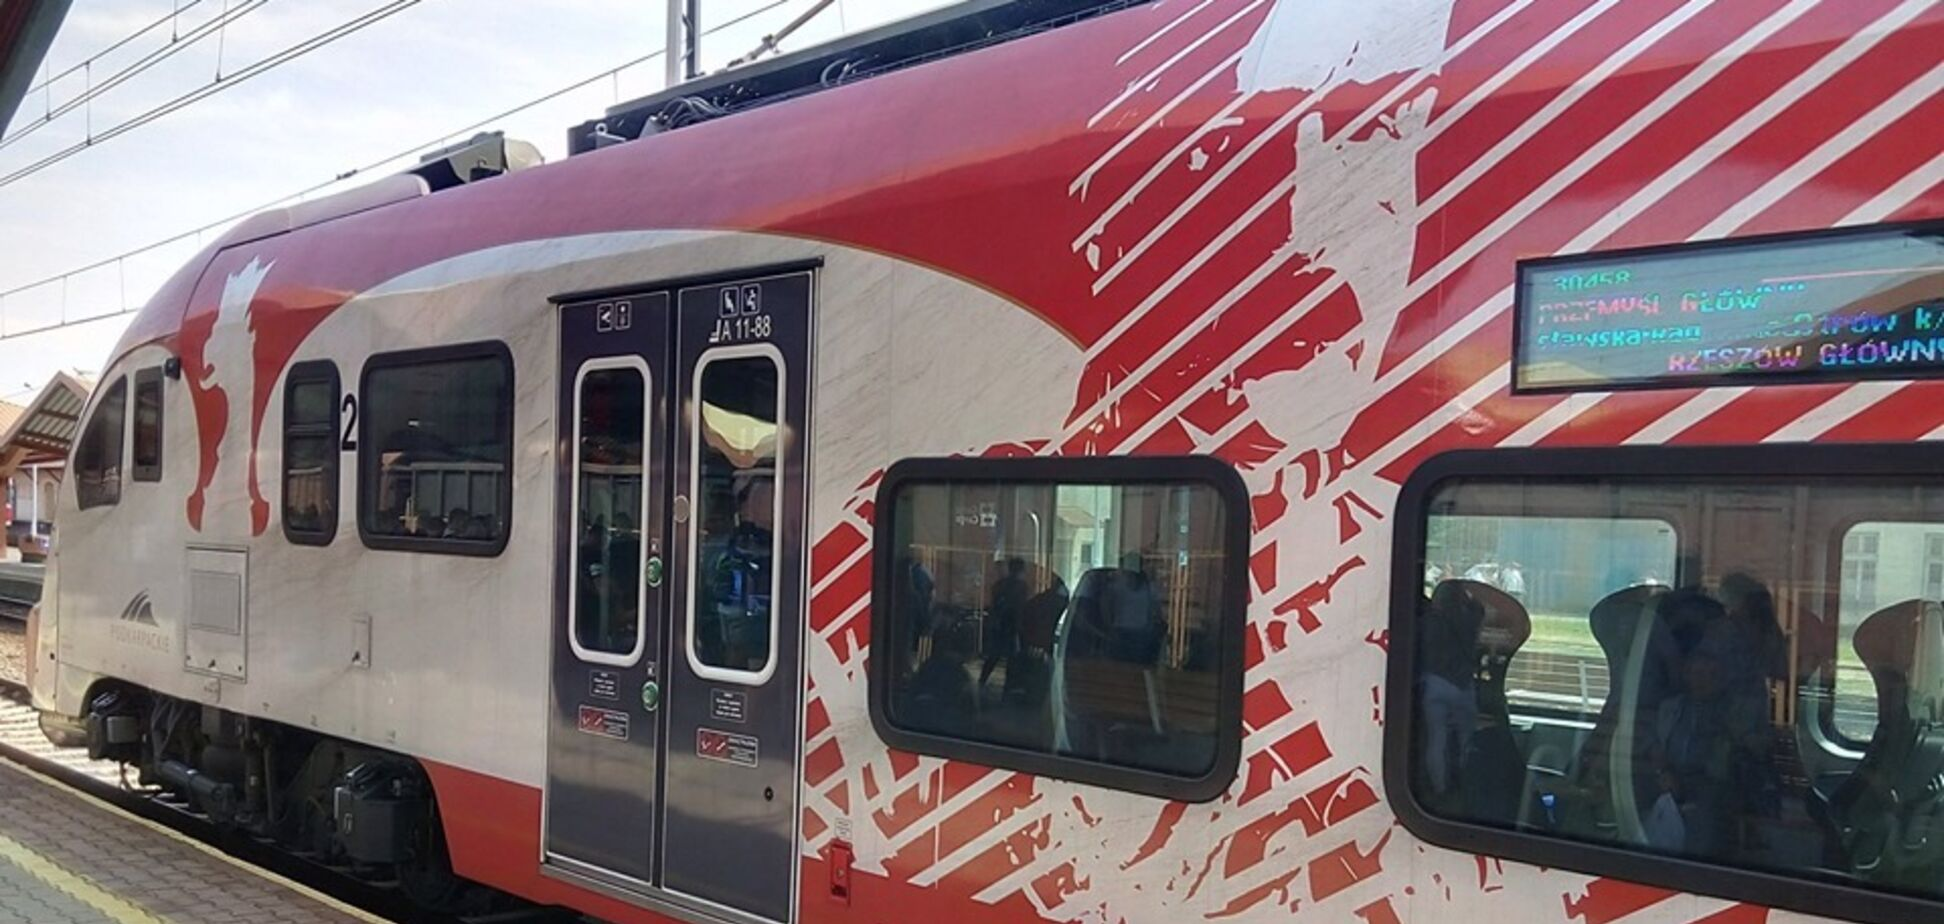 Чьи же Львов и Ривне? В Польше оскандалились с картой на поезде